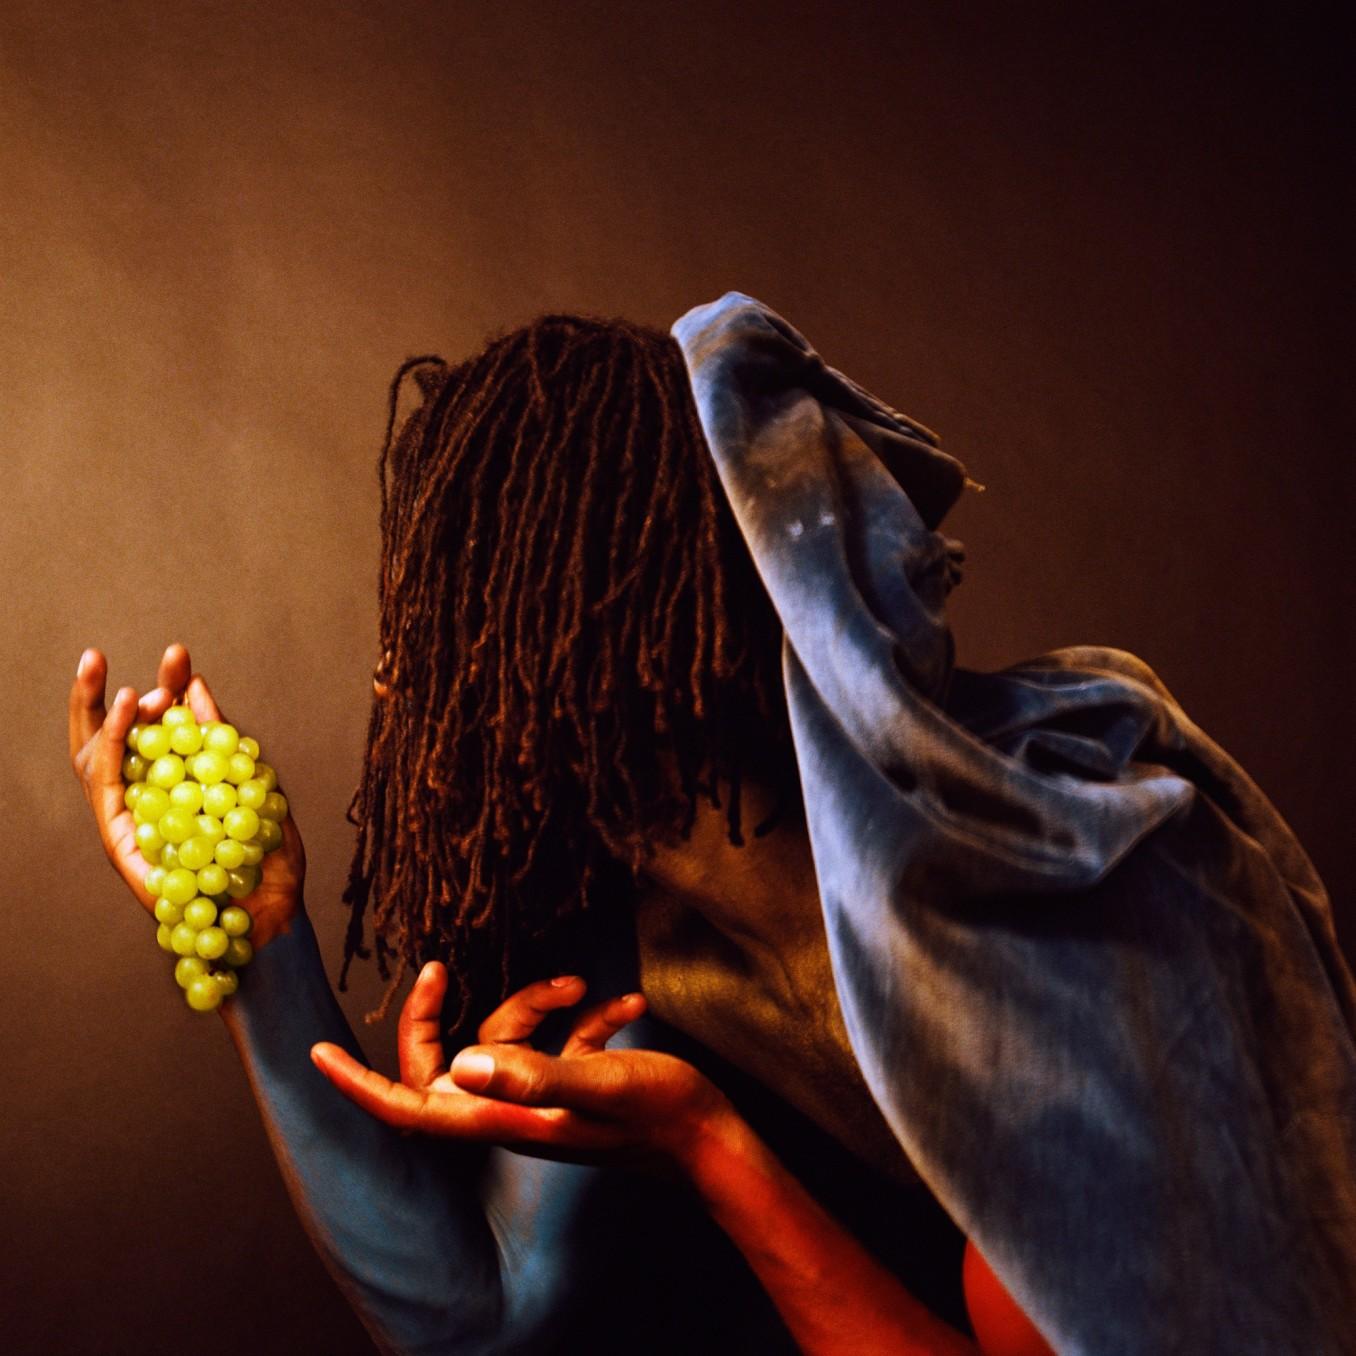 Rotimi Fani Kayode, Grapes, 1989